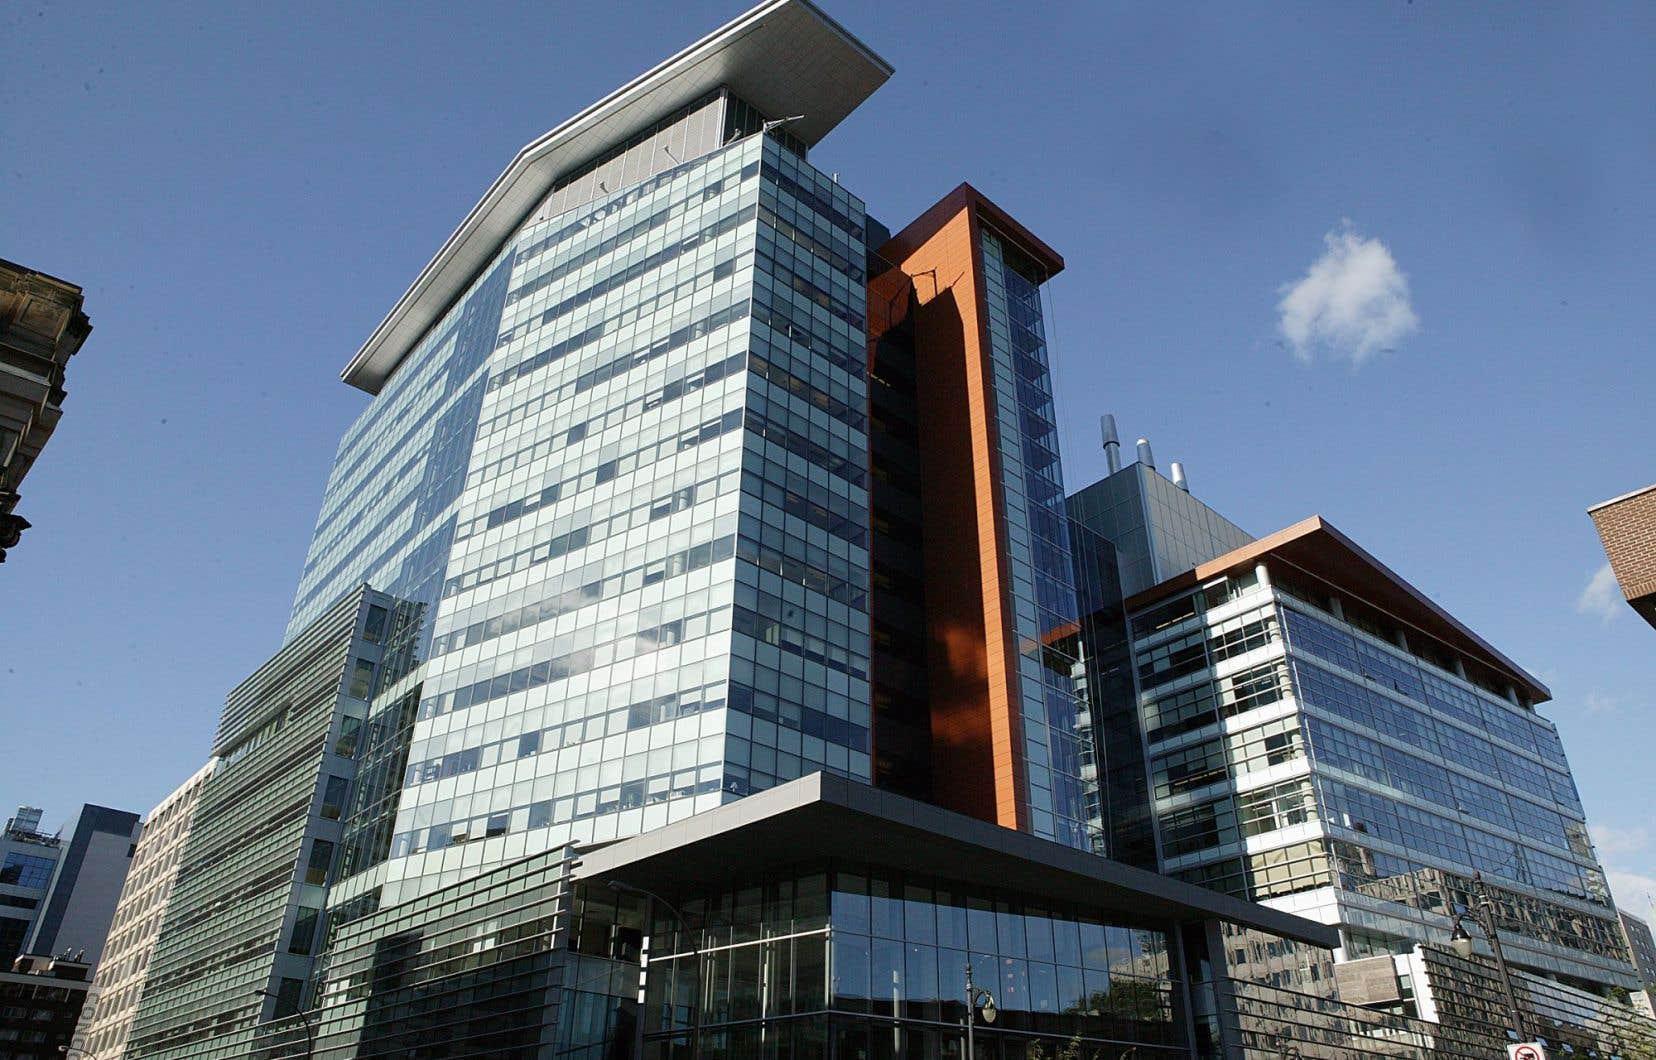 Le 4juin prochain, l'Université Concordia accueillera le Rendez-vous de l'innovation sociale, organisé par le réseau.